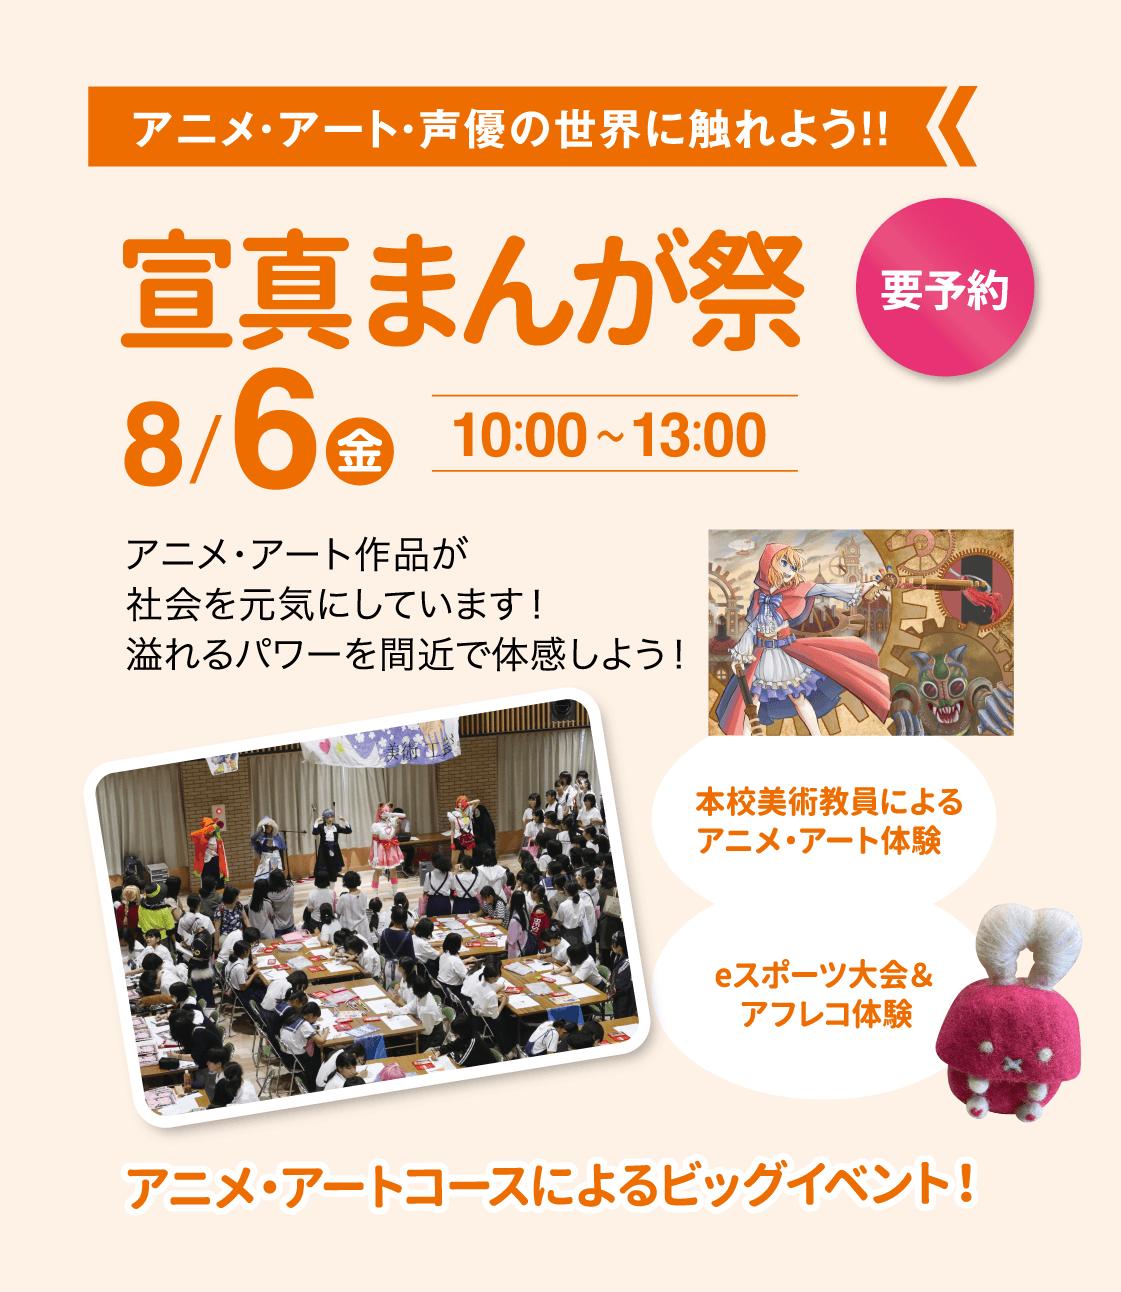 アニメ・アート・声優の世界に触れよう!!宣真まんが祭8/6(金)10:00〜13:00